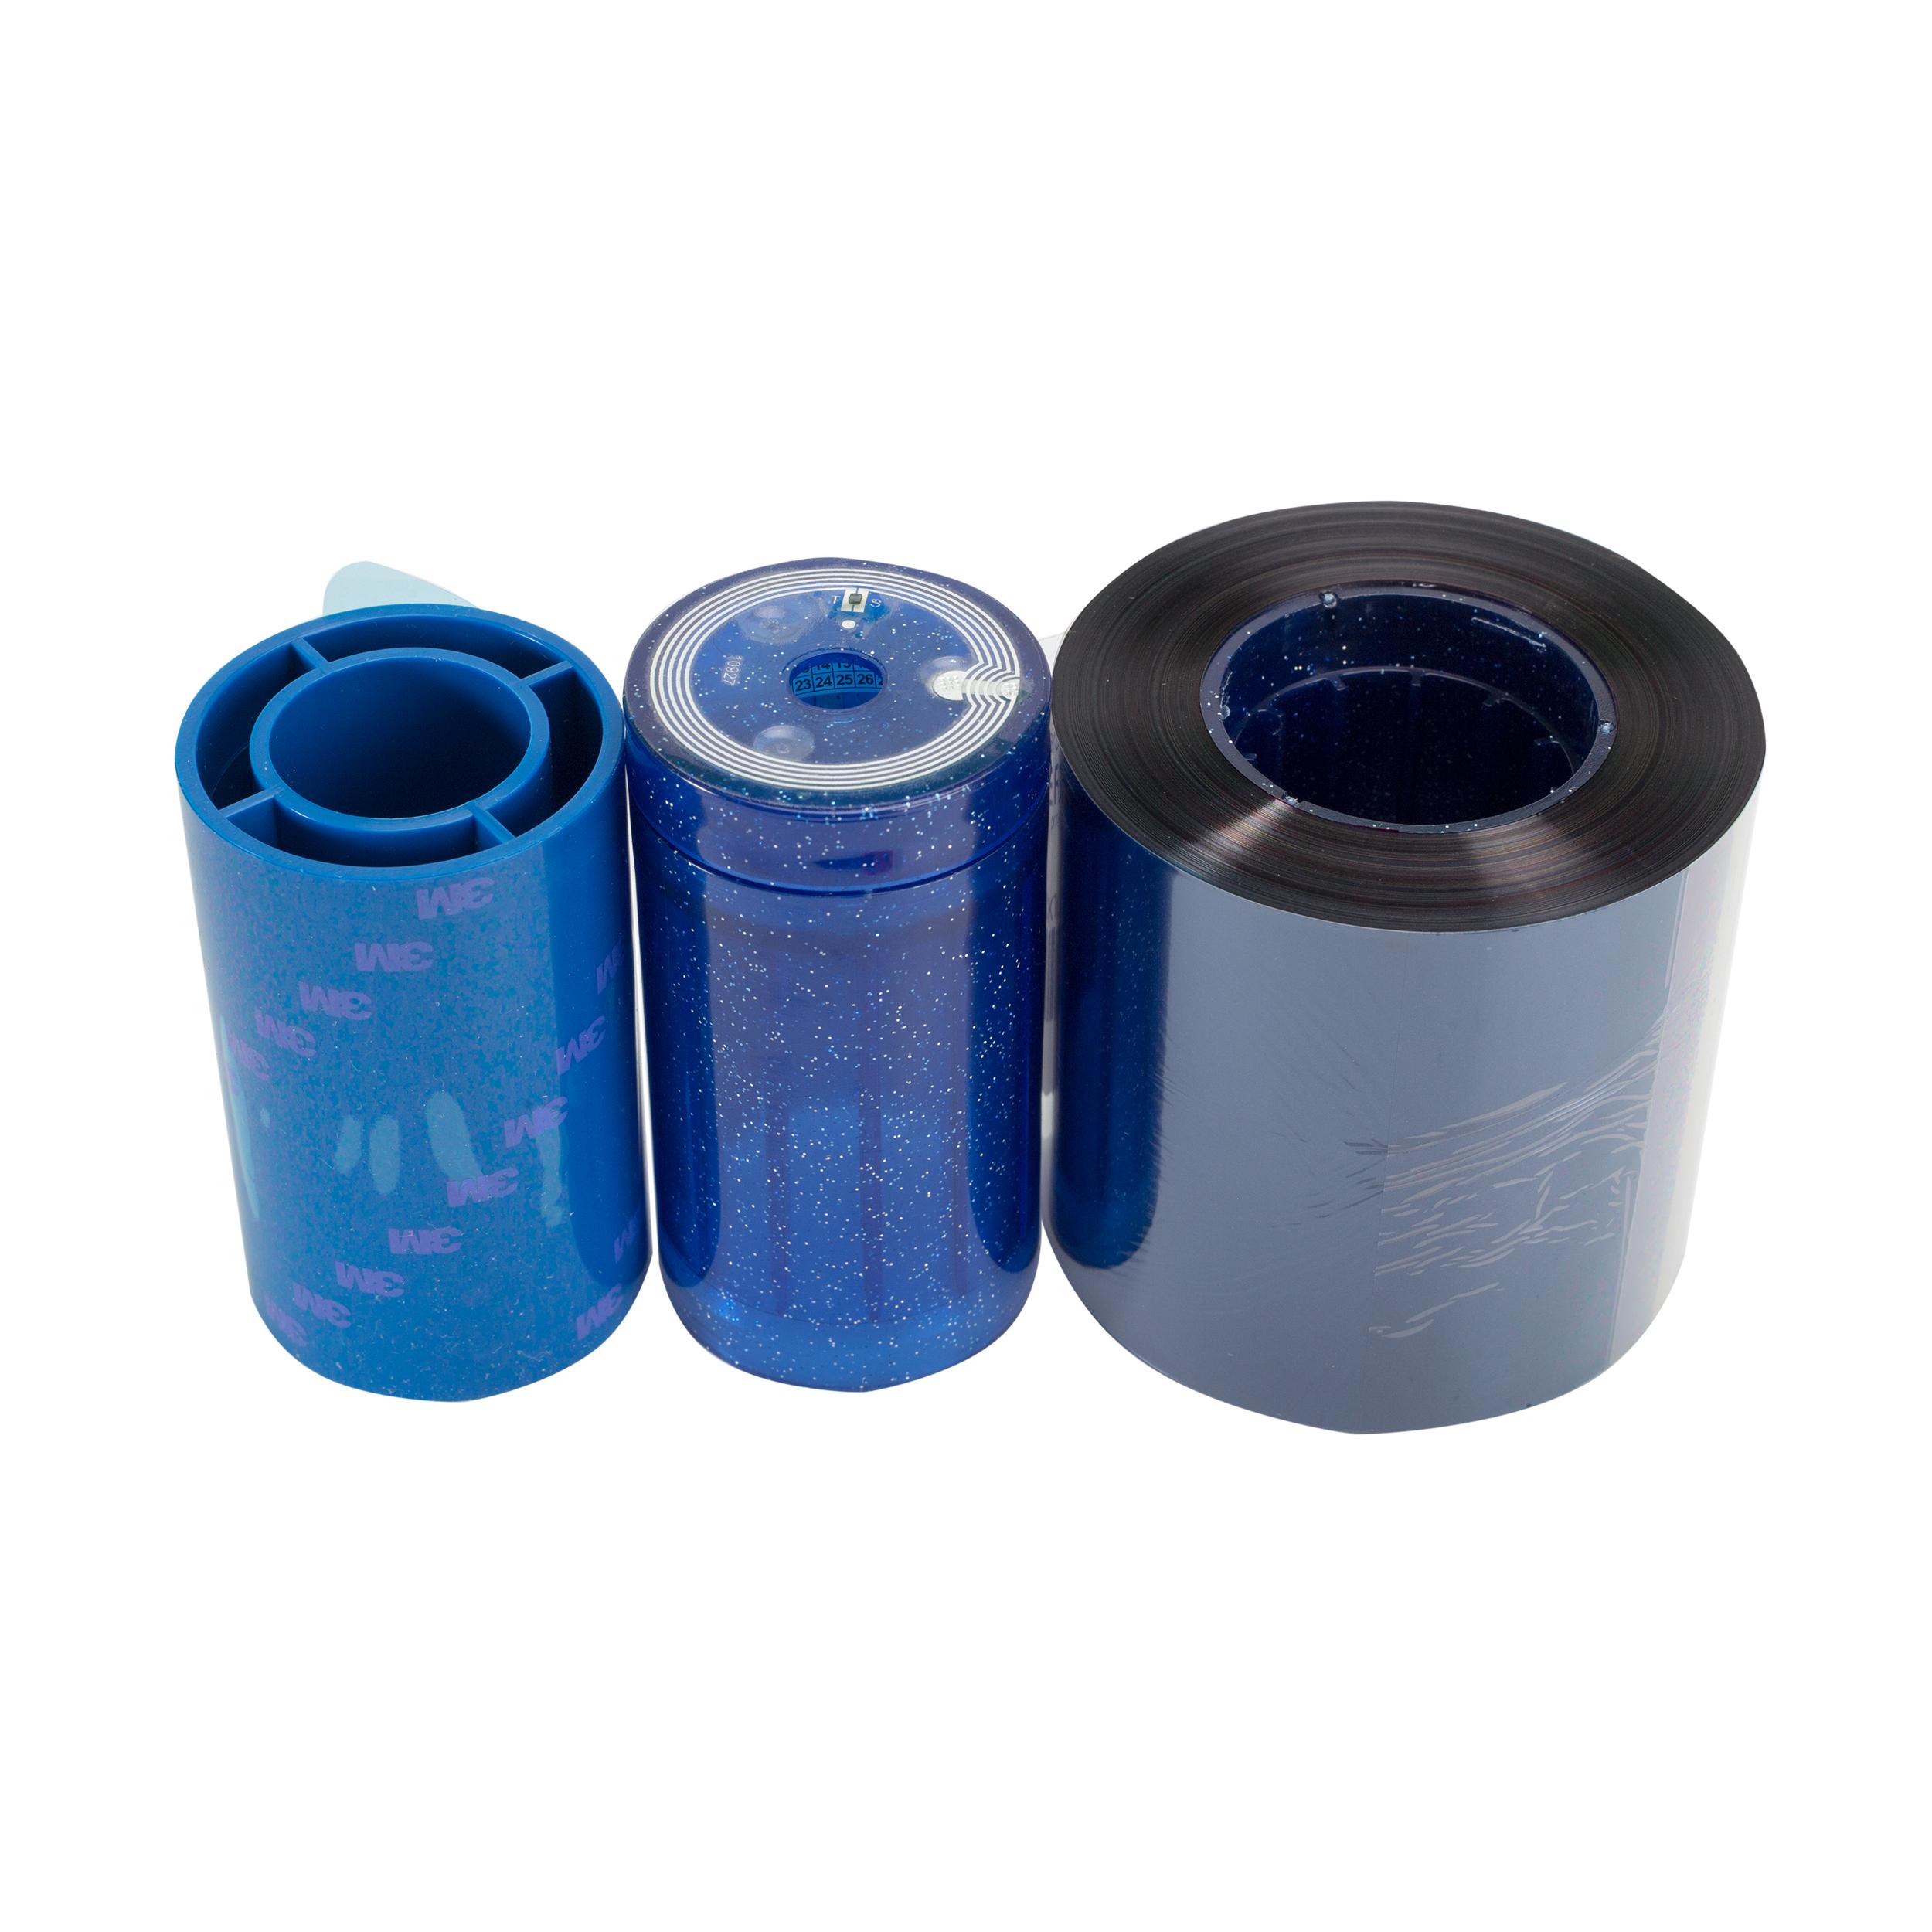 Цветная лента совместимая с принтером Datacard 534000-003 YMCKT Compatible ribbon